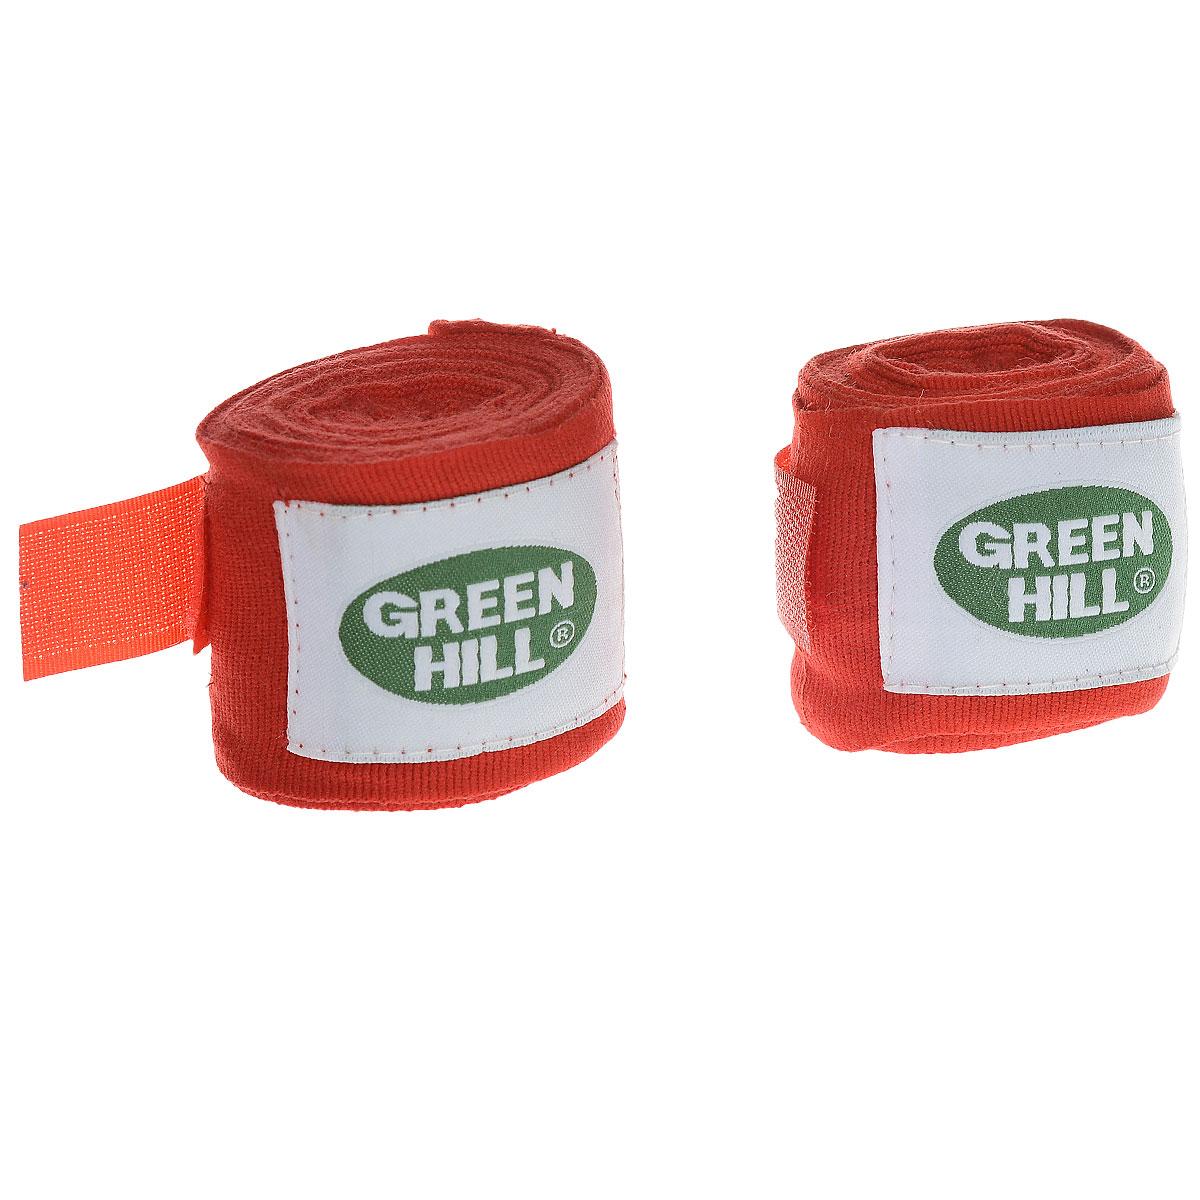 Бинты боксерские Green Hill, эластик, цвет: красный, 3,5 м, 2 штadiBP03Бинты Green Hill предназначены для защиты запястья во время занятий боксом. Изготовлены из высококачественного хлопка с добавлением эластана. Бинты надежно закрепляются на руке застежкой на липучке.Длина бинтов: 3,5 м.